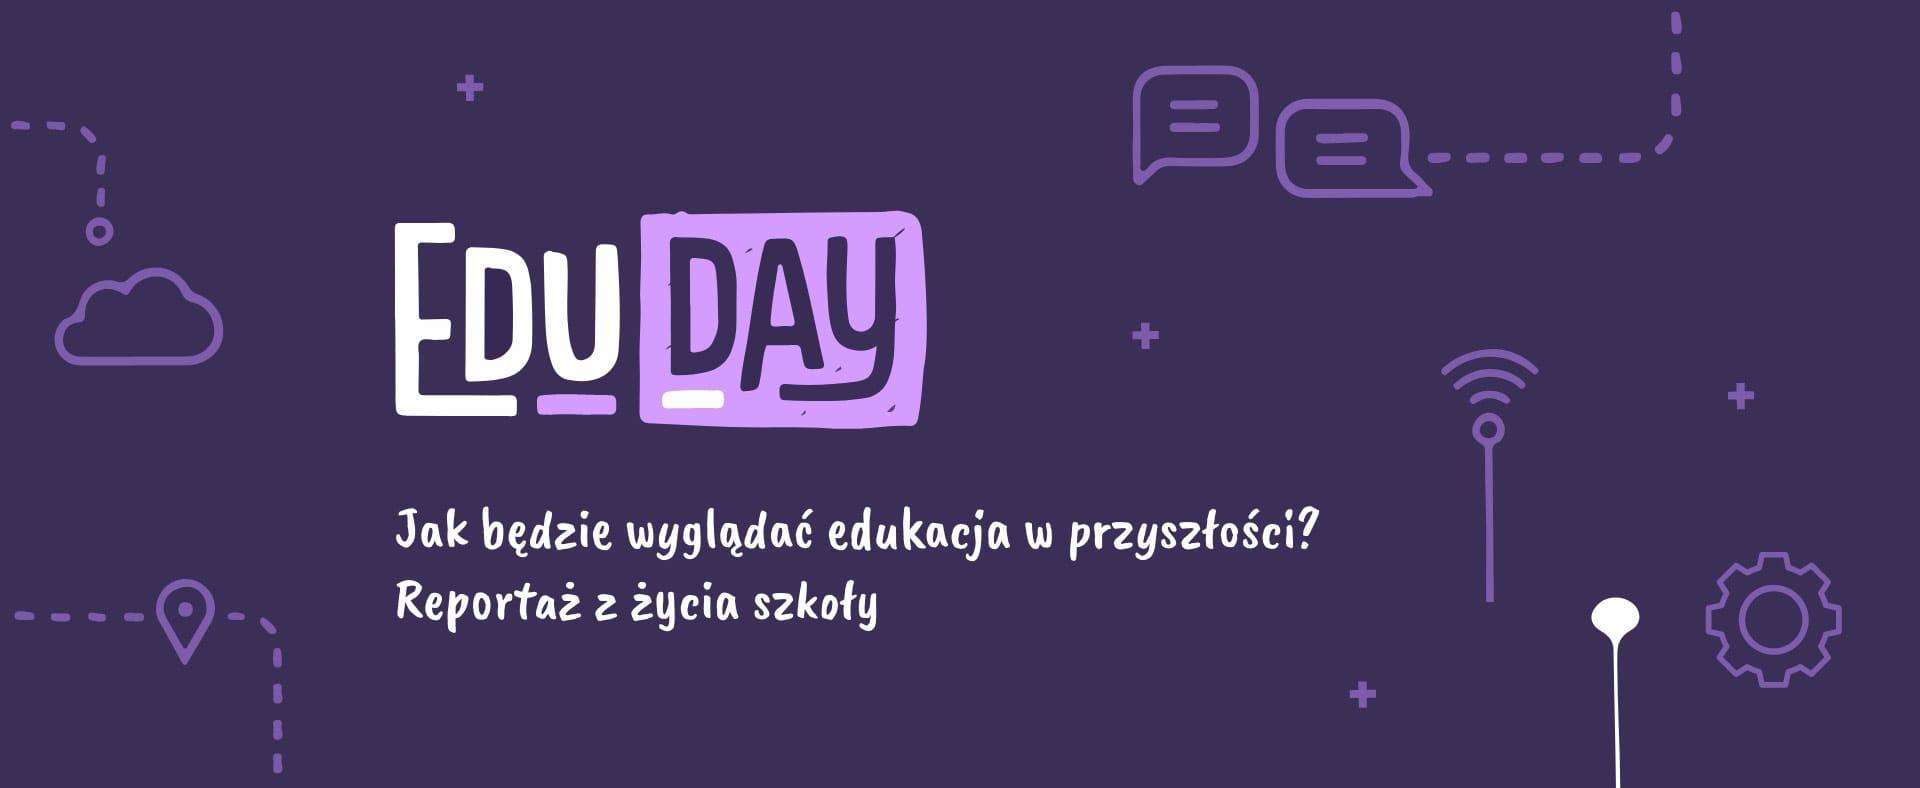 EDU-DAY_FULL_blog_1920x788